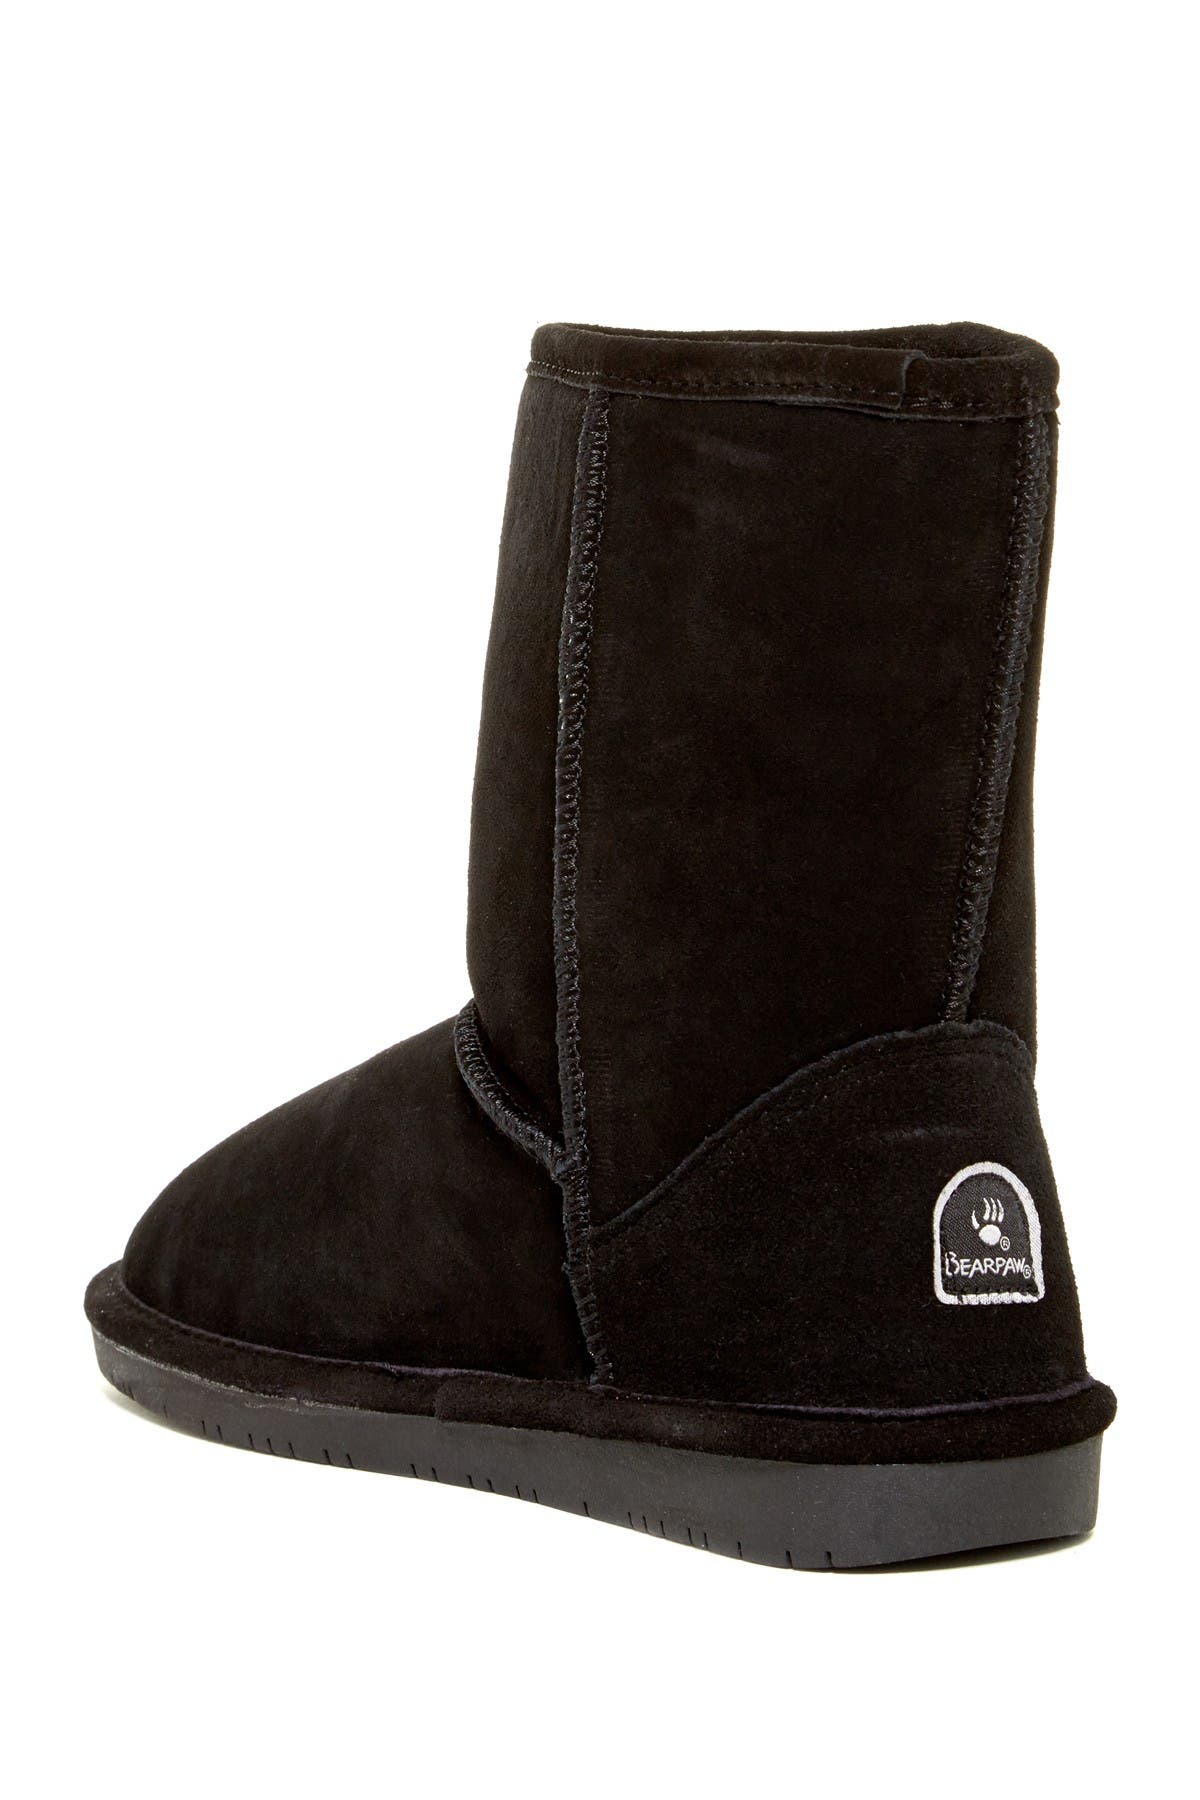 BEARPAW Emma Wool & Genuine Sheepskin Lined Boot